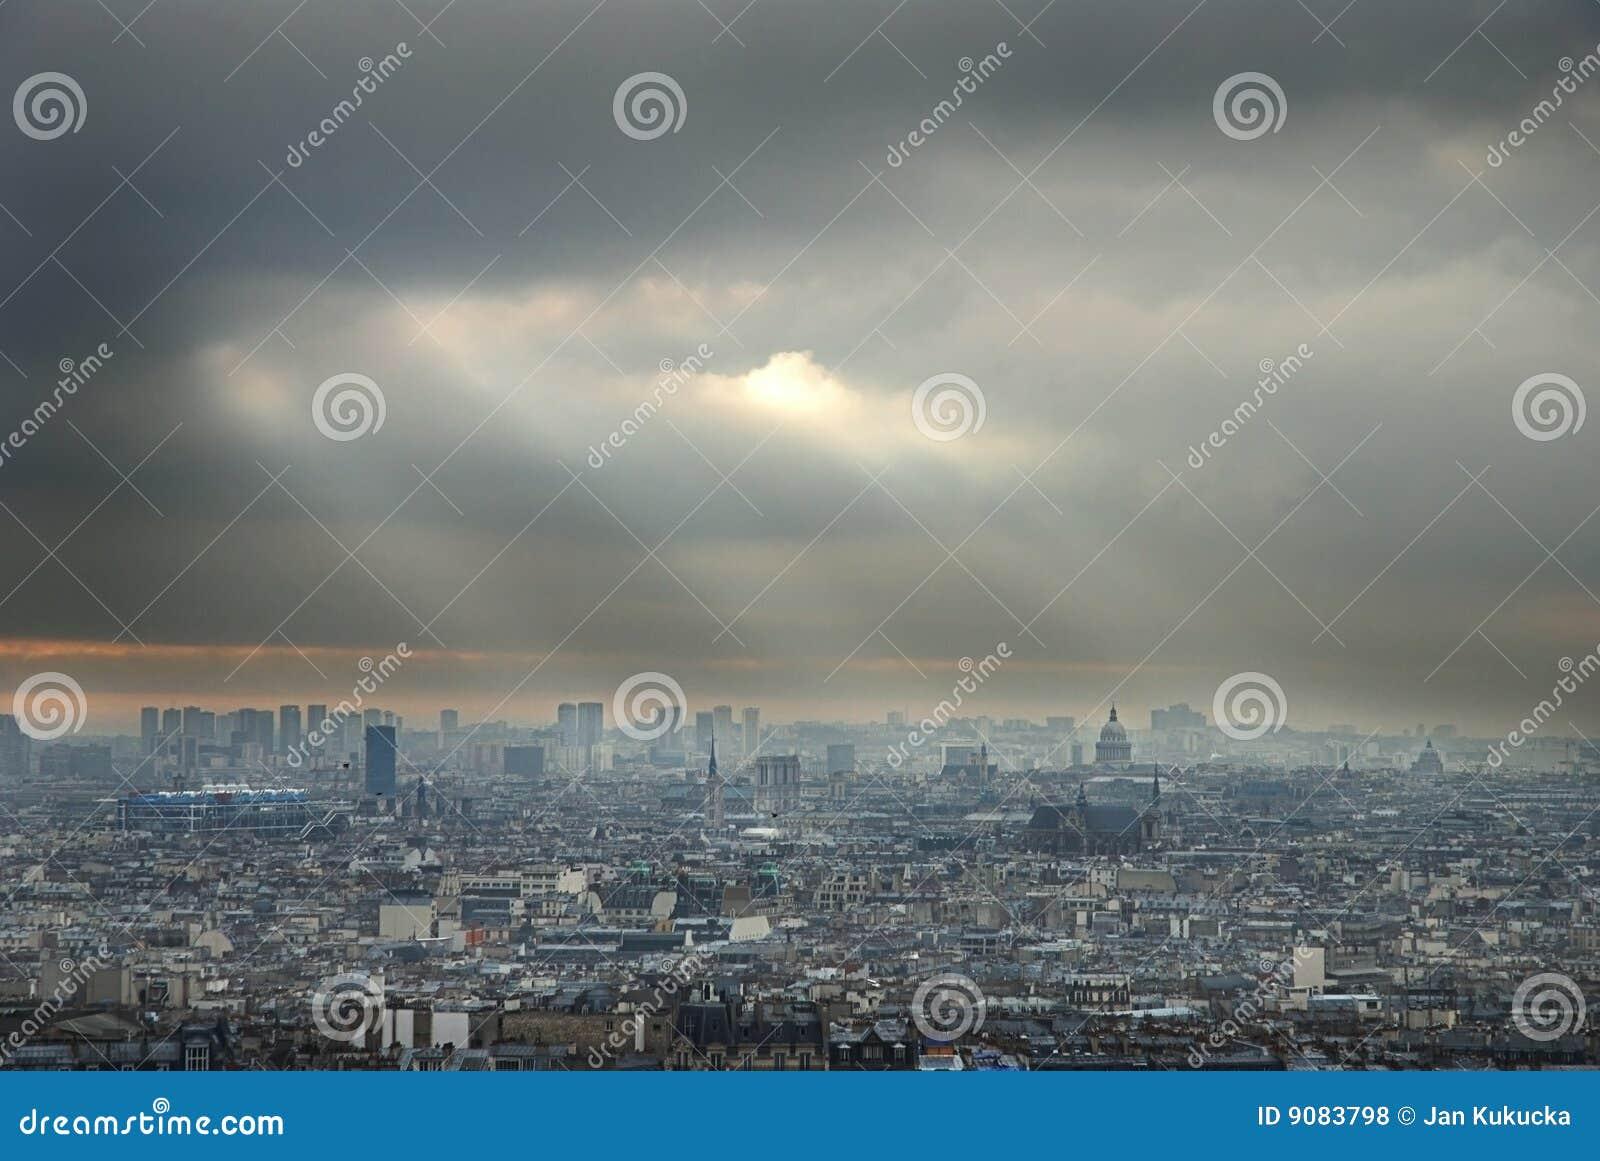 Dunkle Wolken über Paris